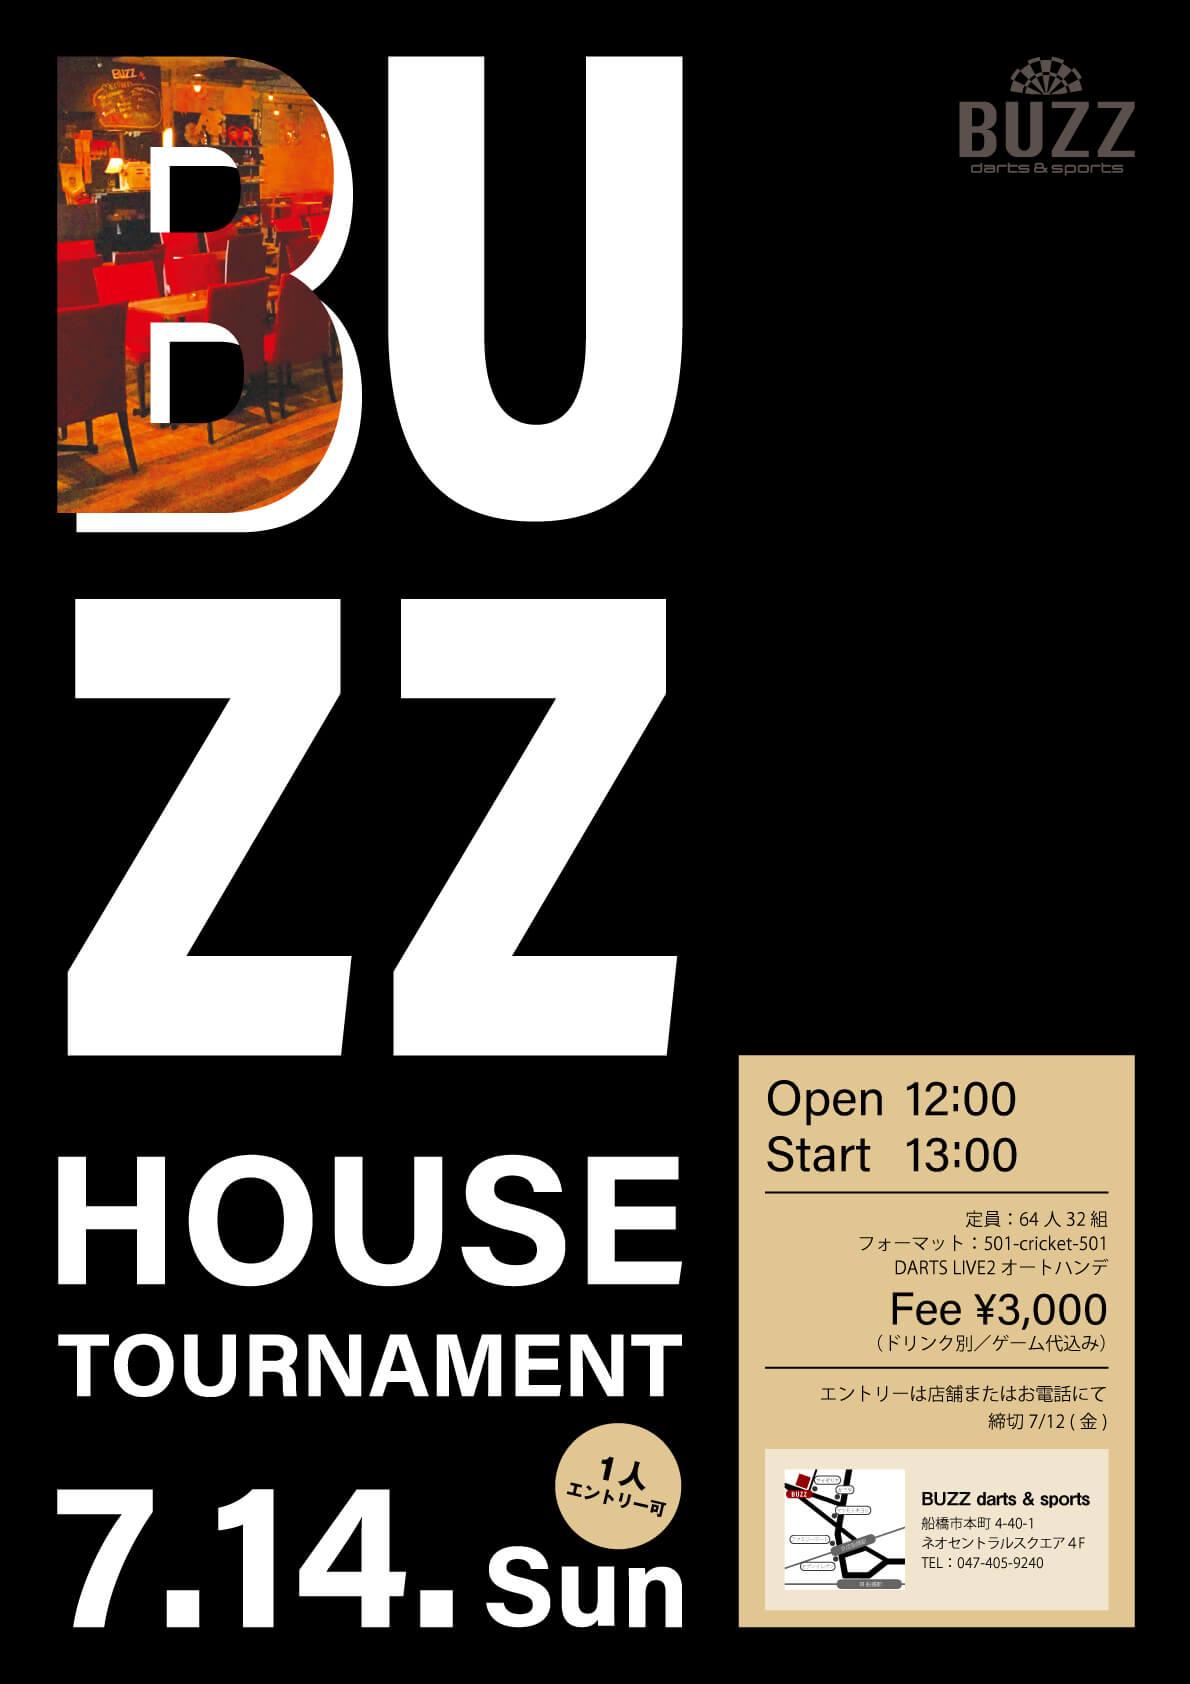 【イベント】BUZZ darts & sports HOUSE TOURNAMENT【2019.7.14(日)】